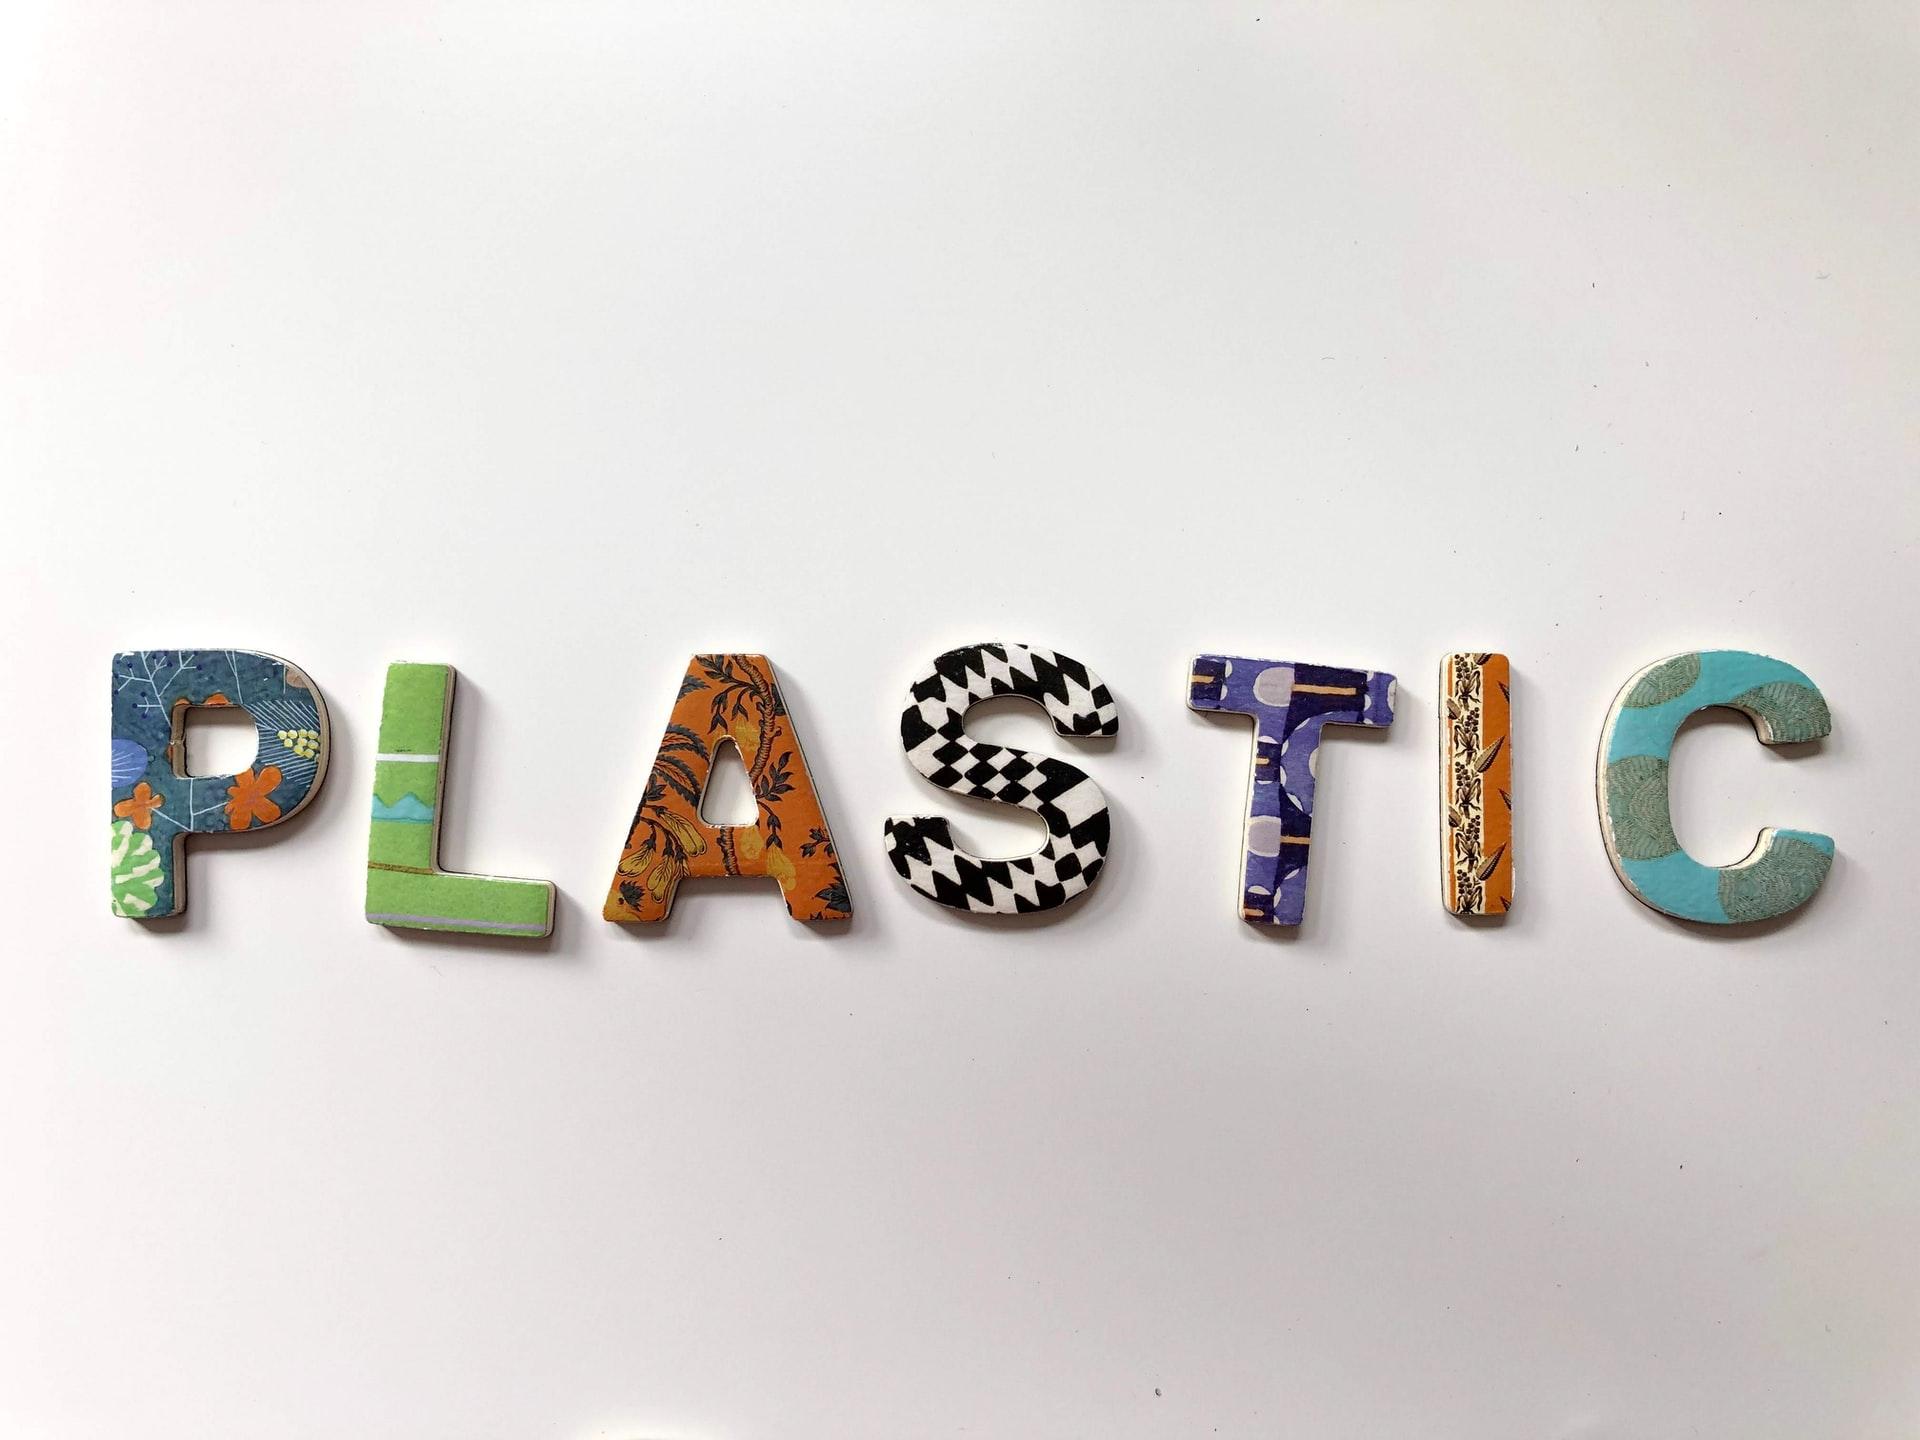 Plastik ithalatına gelen yasak kalkıyor: Sıkı denetimlerle yeniden başlayacak!